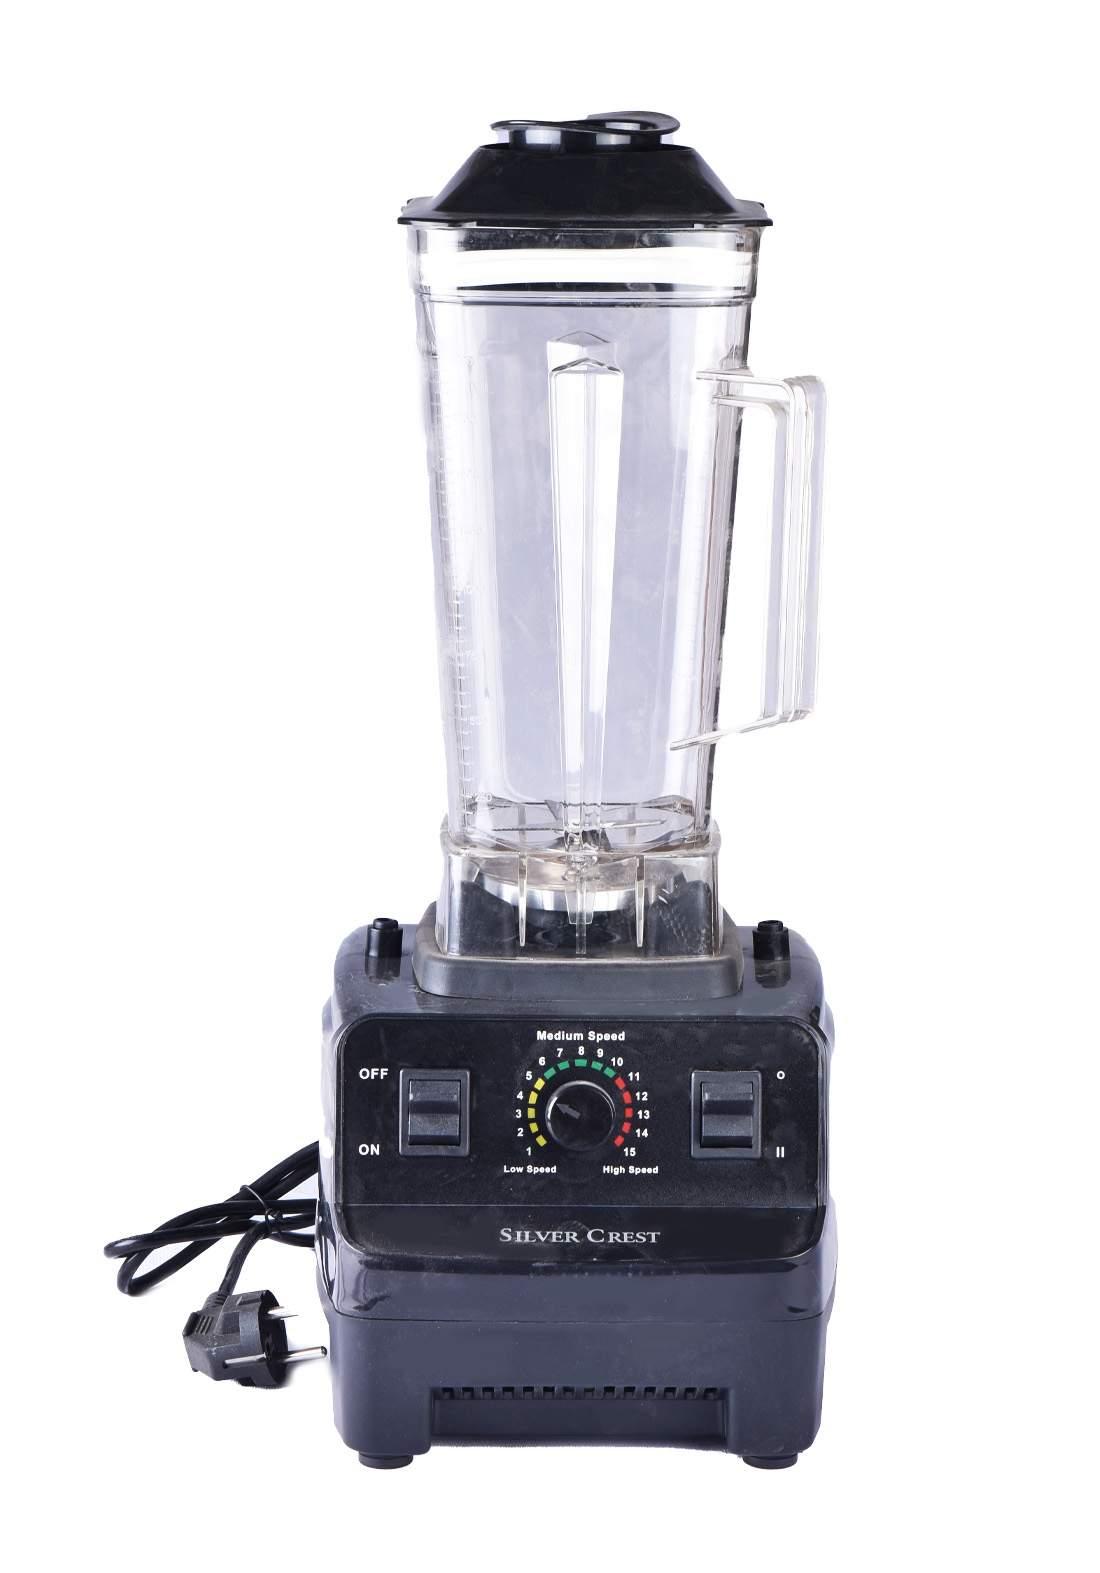 Silver Crest Sj-2002 Blender 5500W خلاط كهربائي